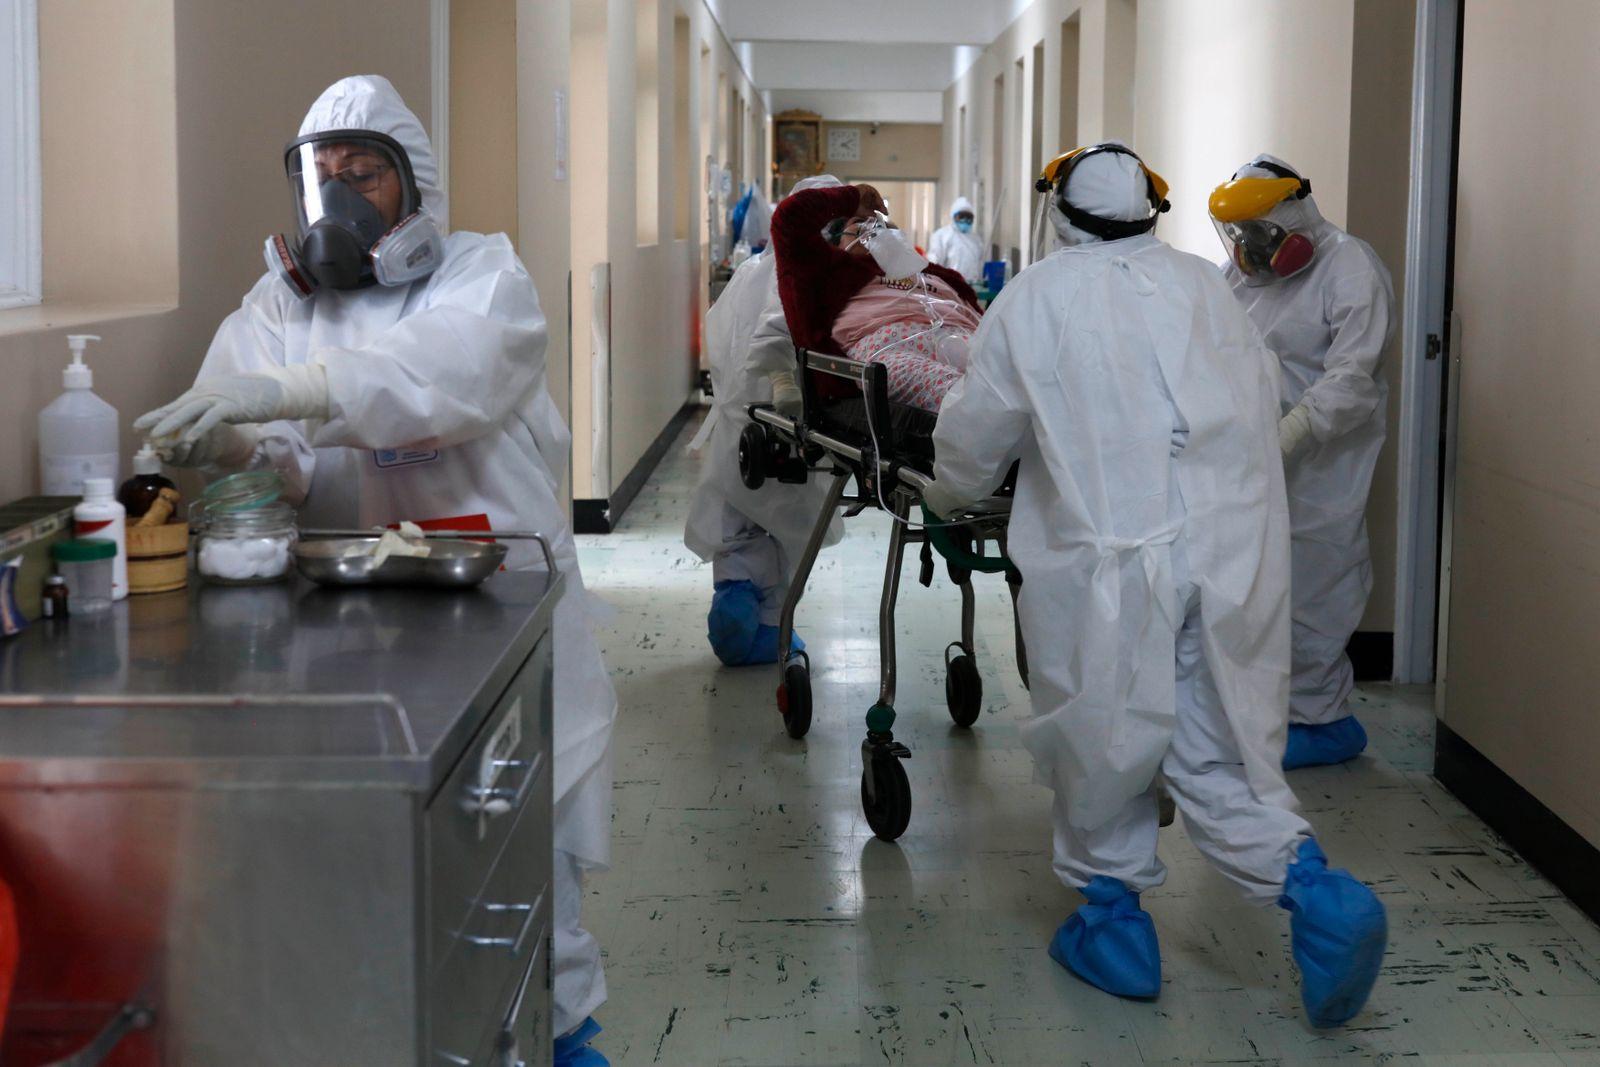 Virus Outbreak 4 Million Dead